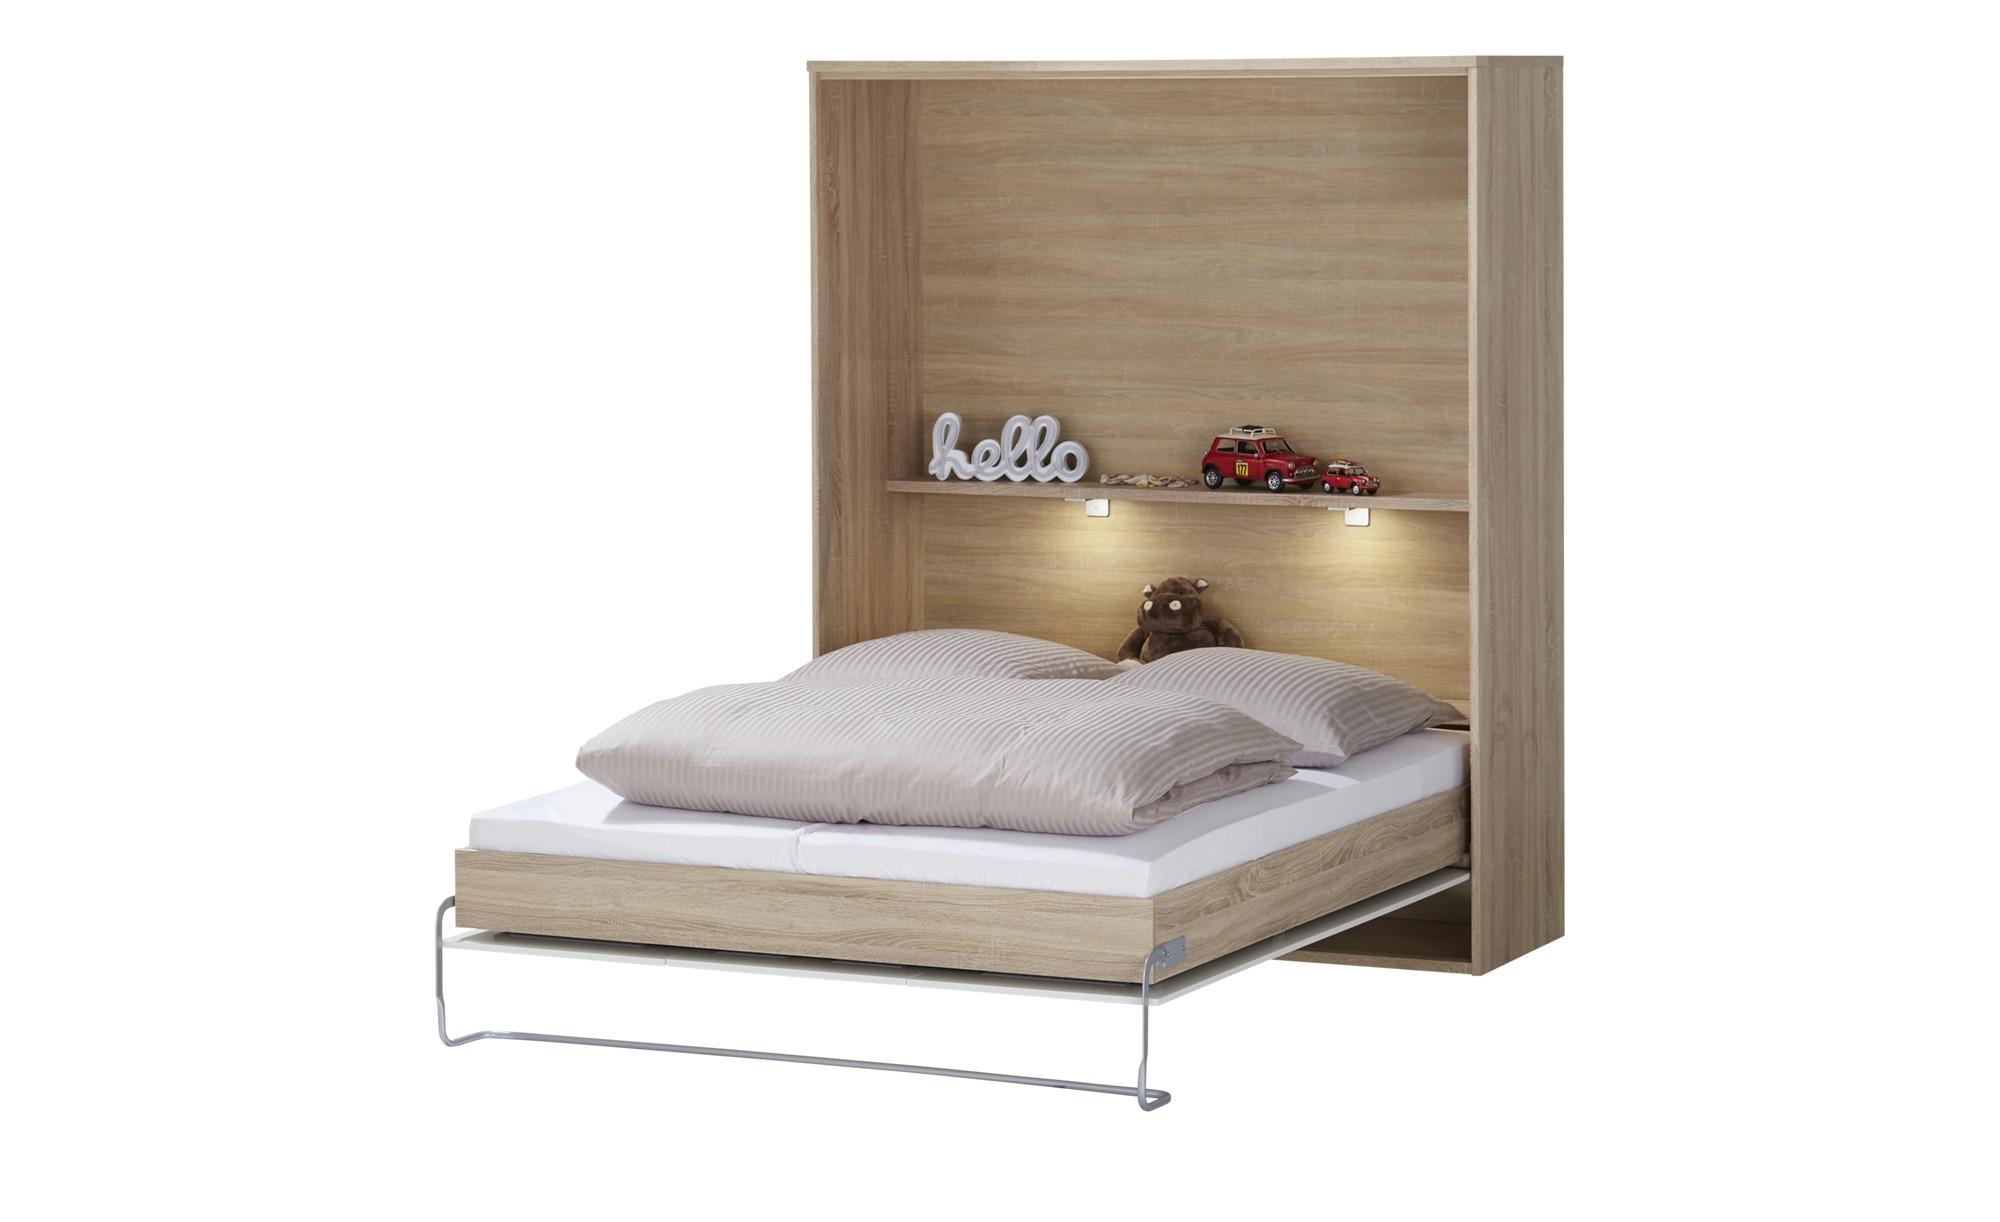 Schrankbett - holzfarben - 173 cm - 211 cm - 60 cm - Betten > Bettgestelle - Möbel Kraft | Schlafzimmer > Betten > Schrankbetten | Sconto